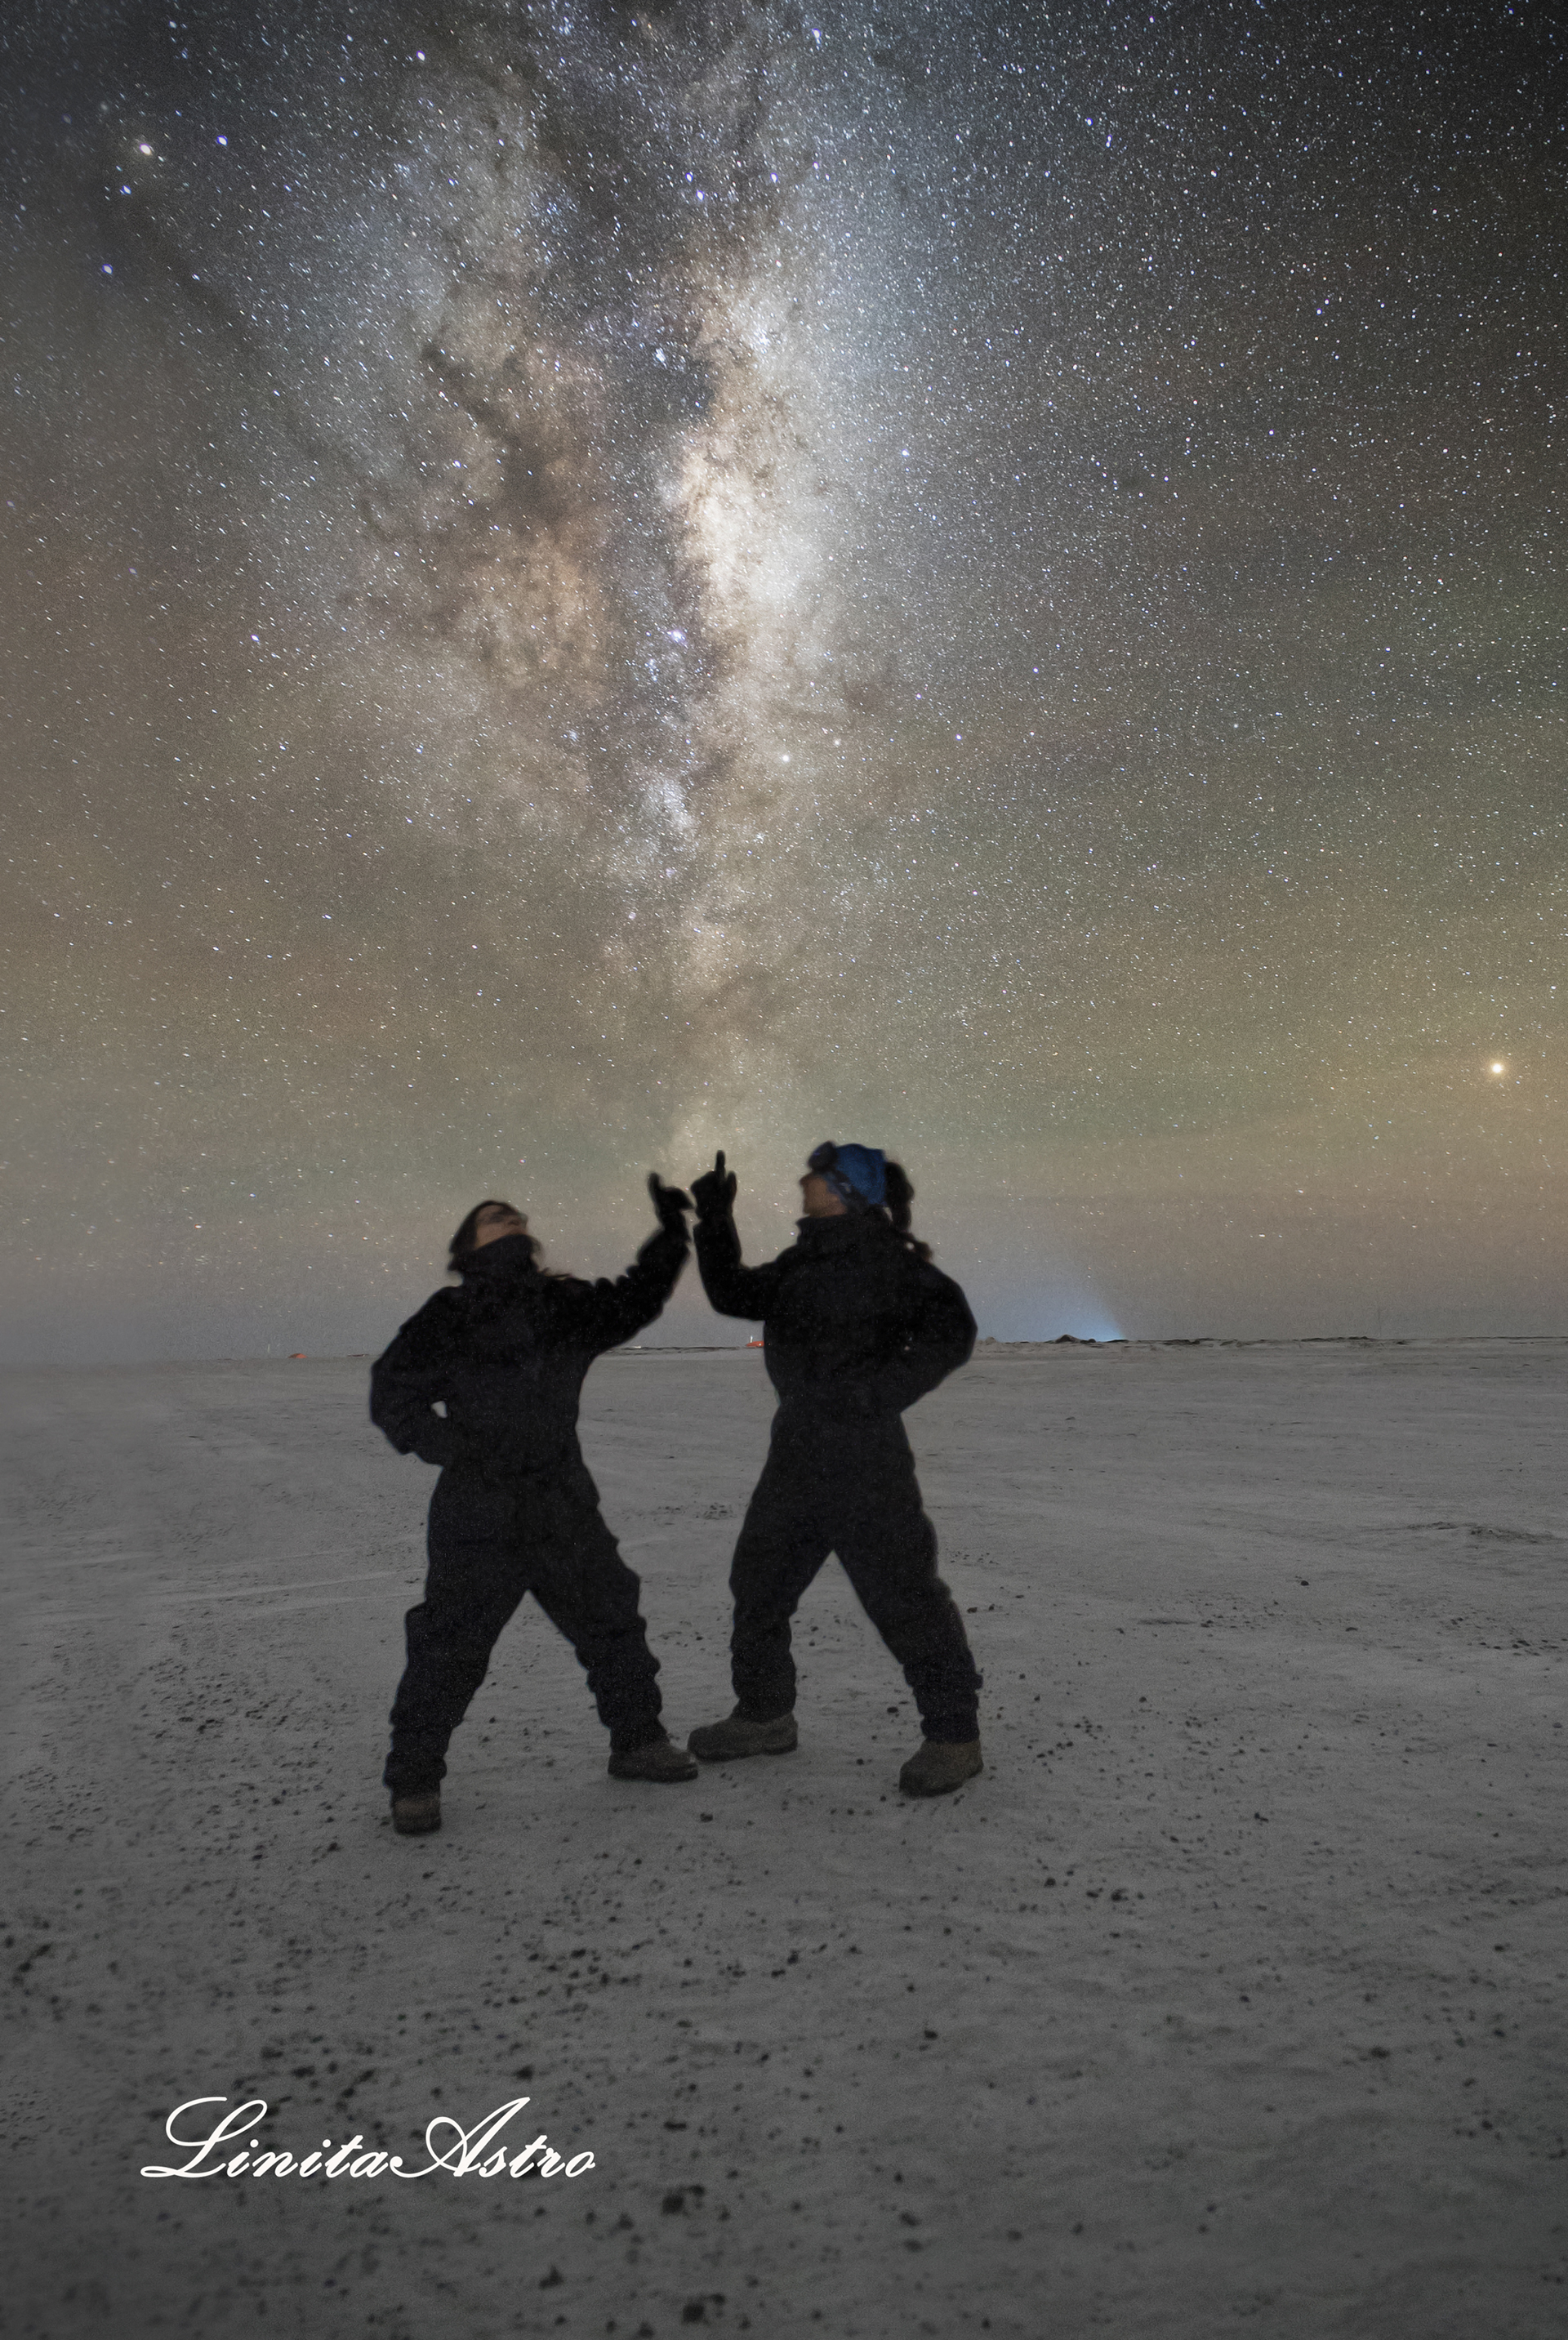 """""""Lazos"""": """"Son dos amigas en conexión directa con el universo"""", cuenta Jorgelina. La foto habla de """"tener todo el cosmos en nuestras manos""""."""